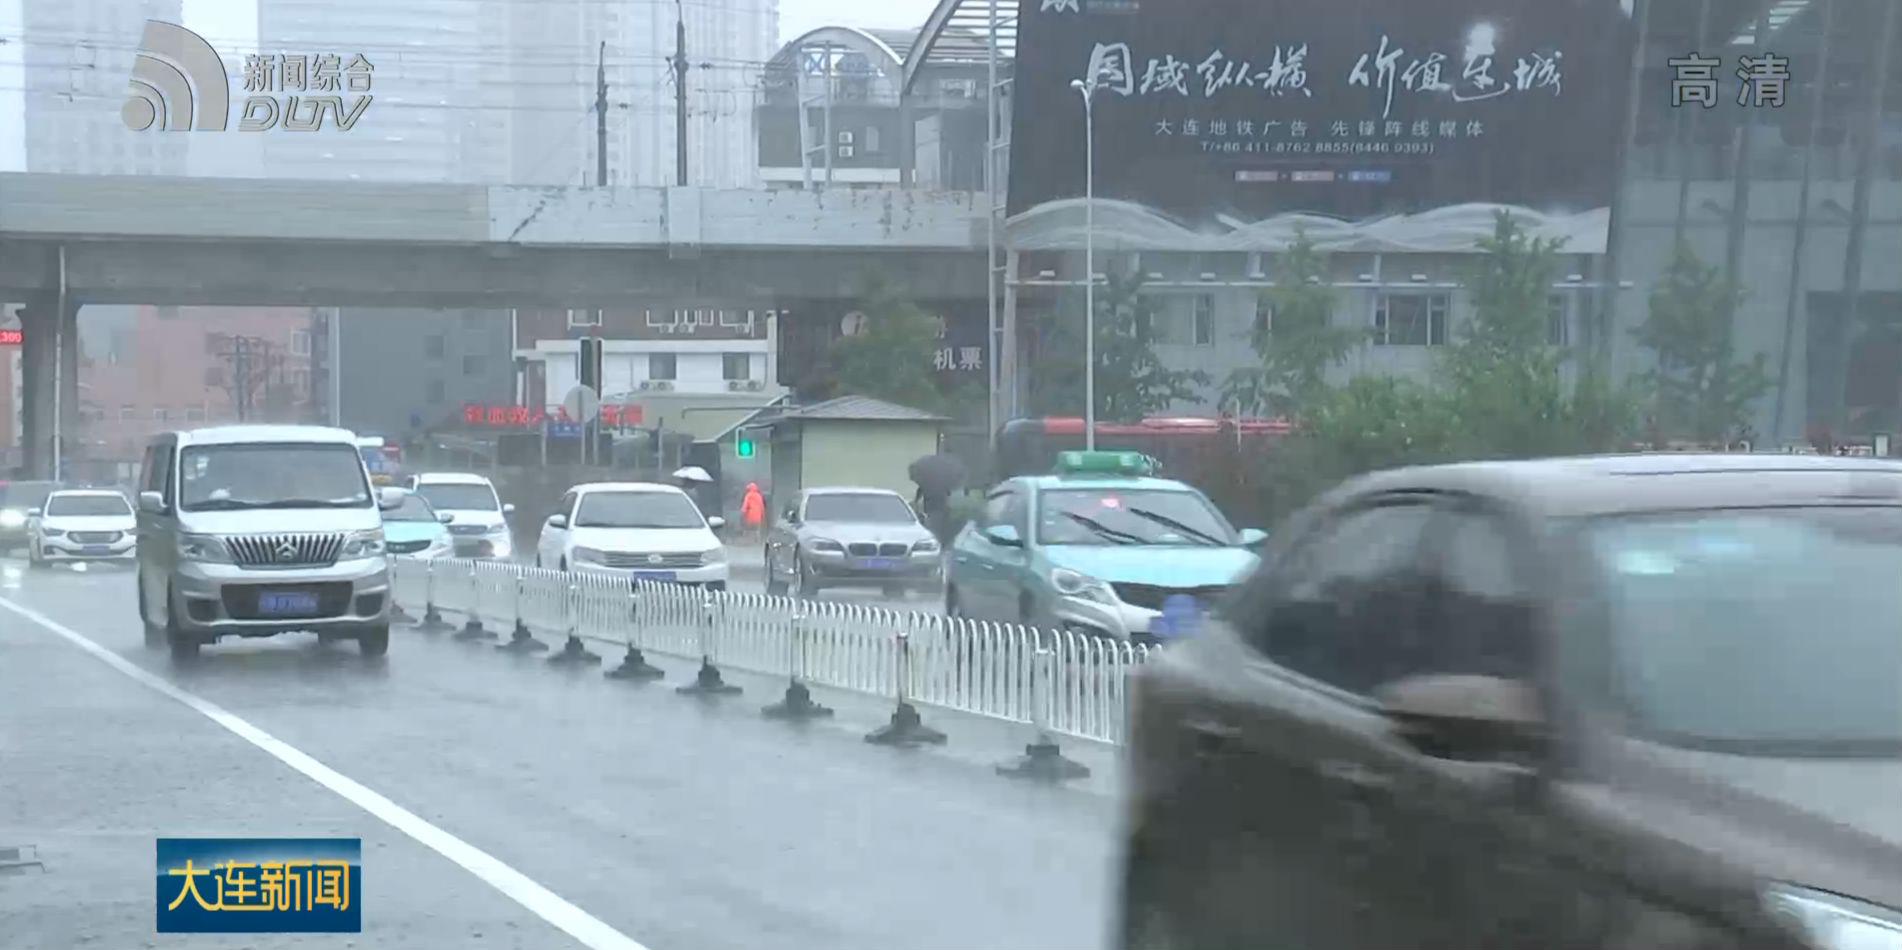 強對流天氣 南部區域雨量大